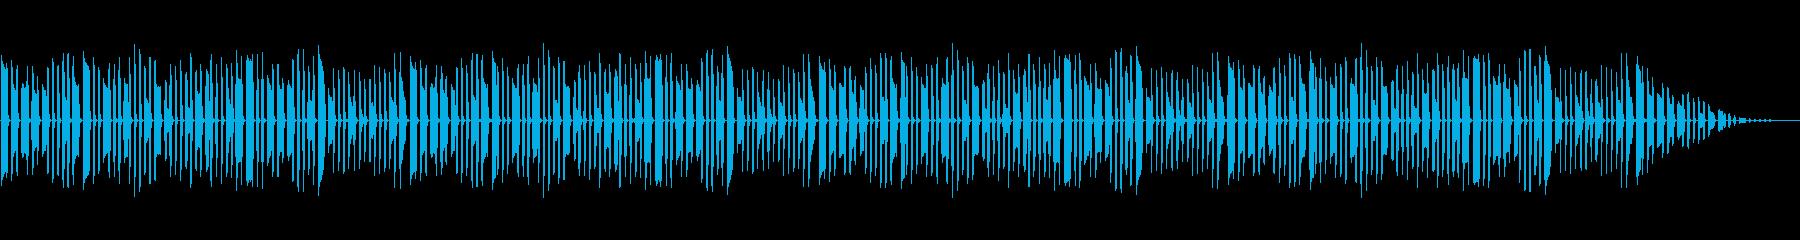 童謡「ちょうちょ」脱力系アレンジの再生済みの波形